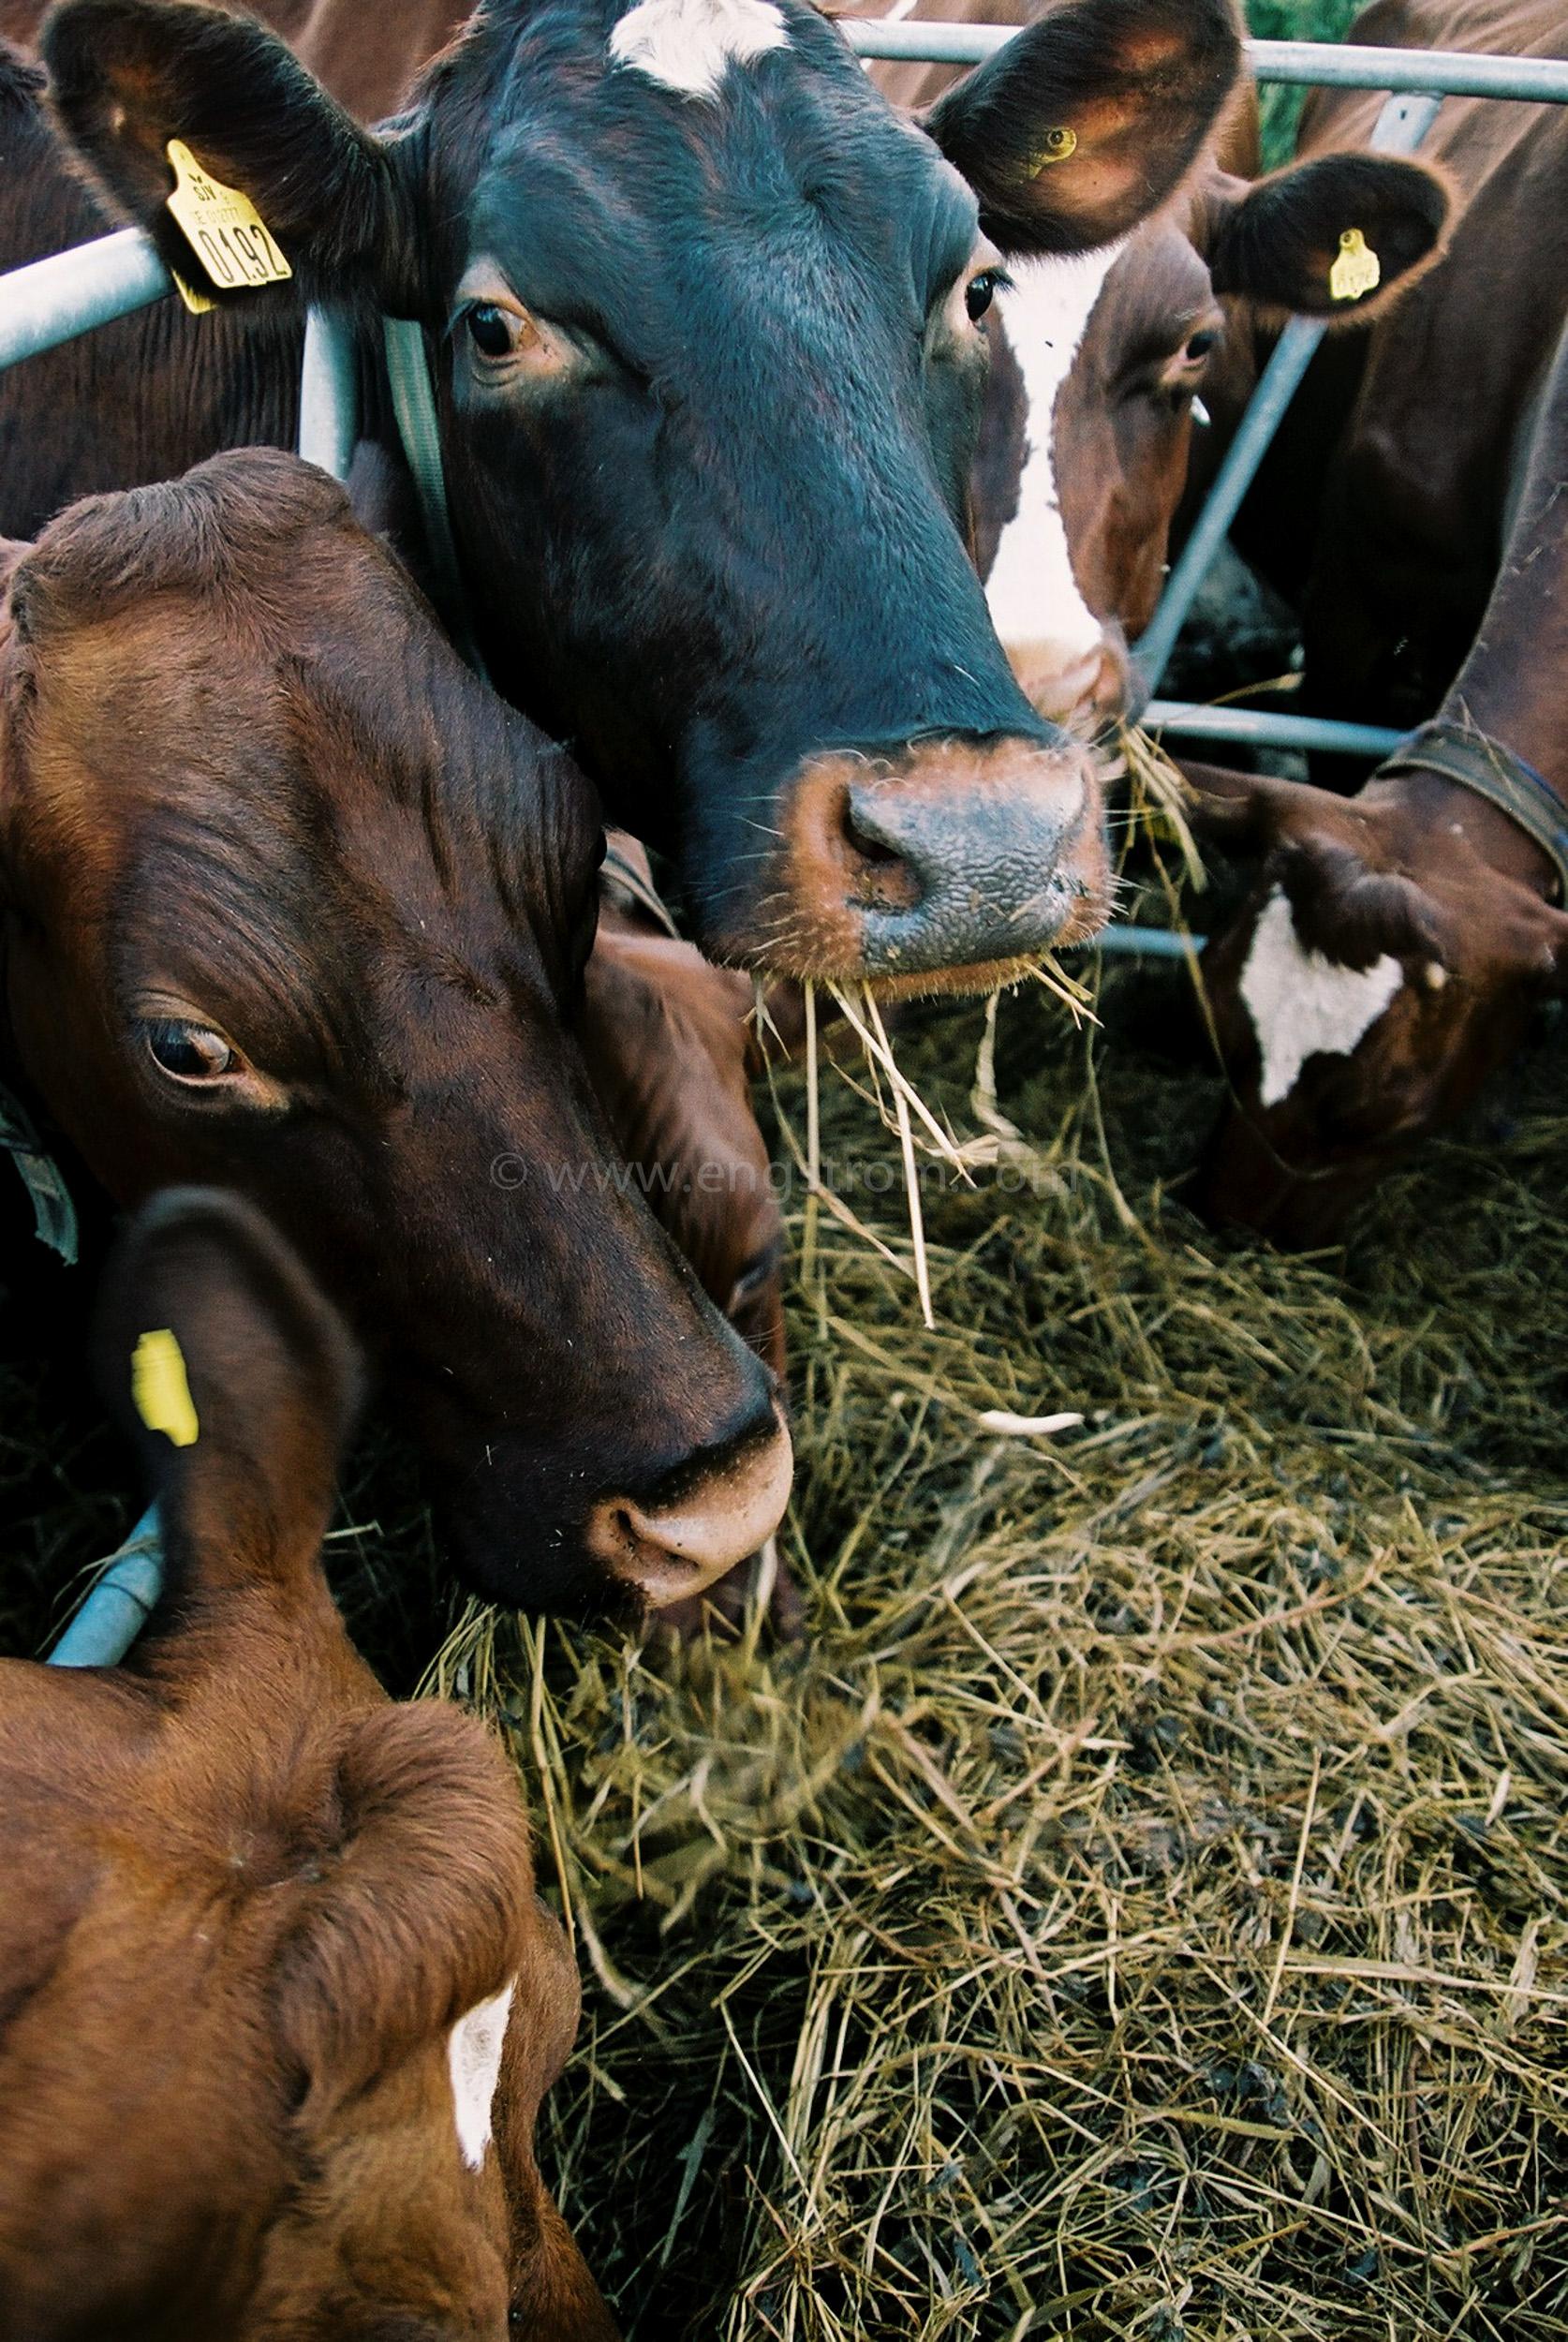 JE0319_15, Kor som äter ensilage ur foderhäck, Jonas Engström